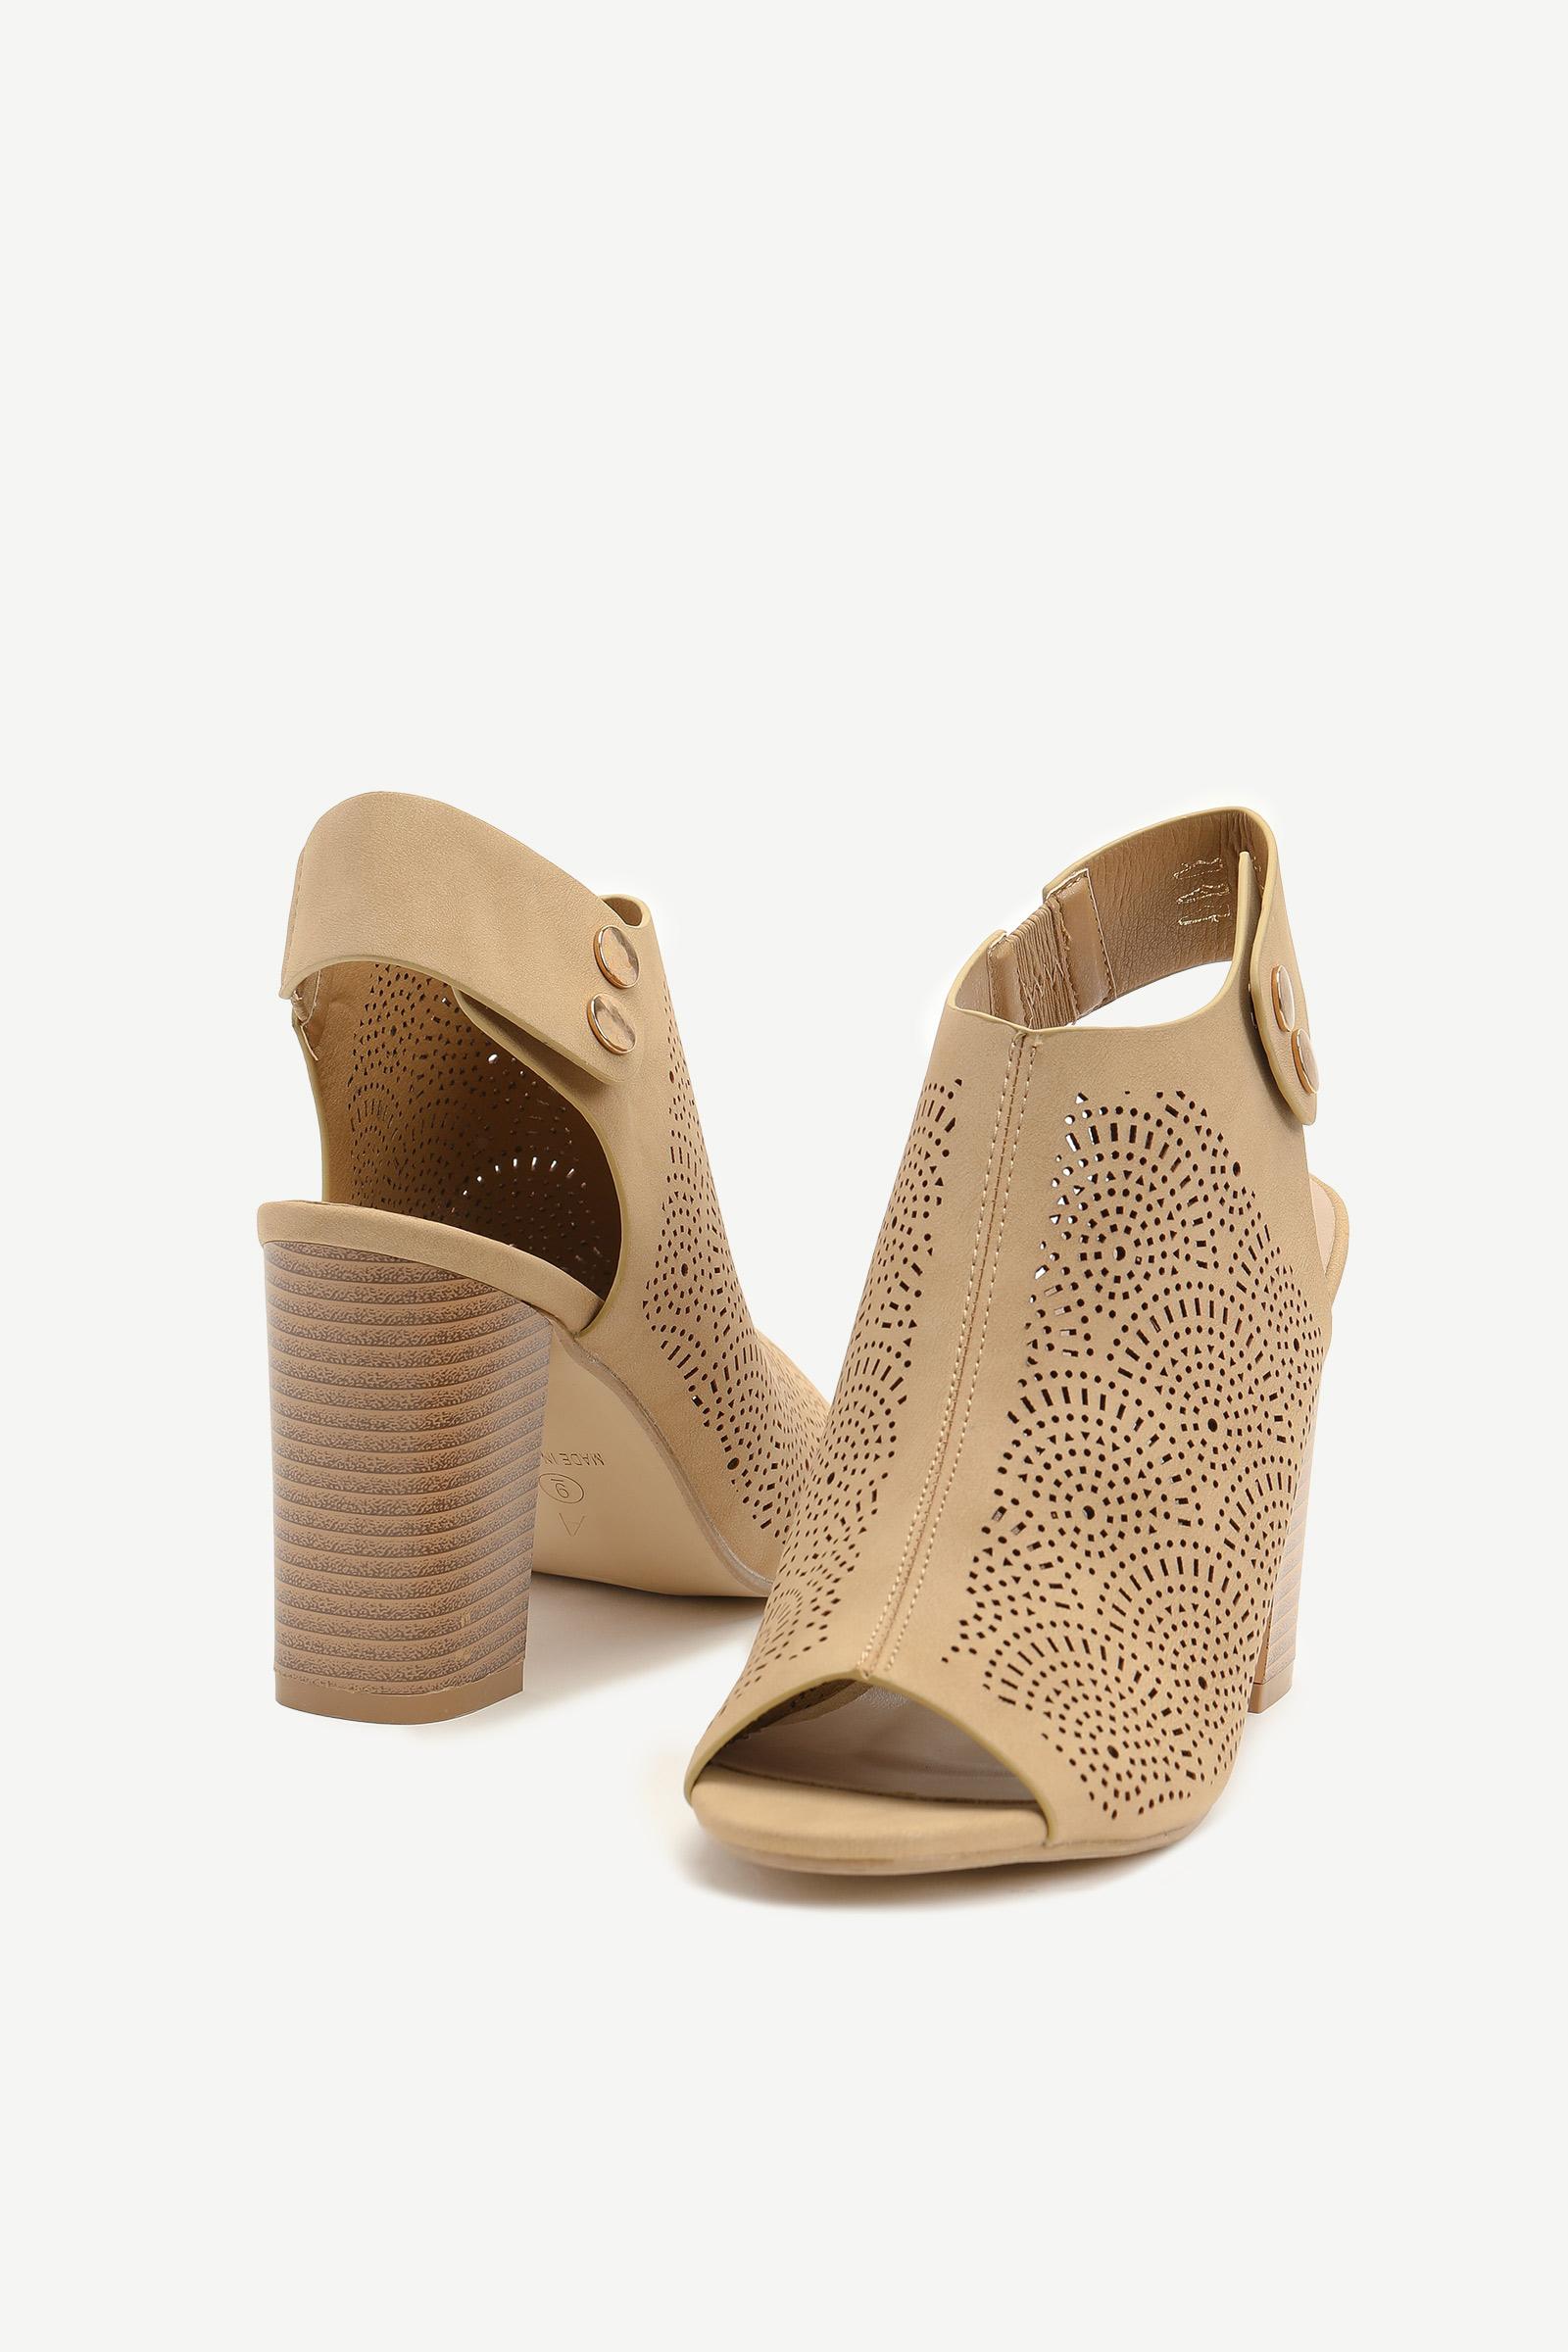 Cut Out Mule Heel Sandals